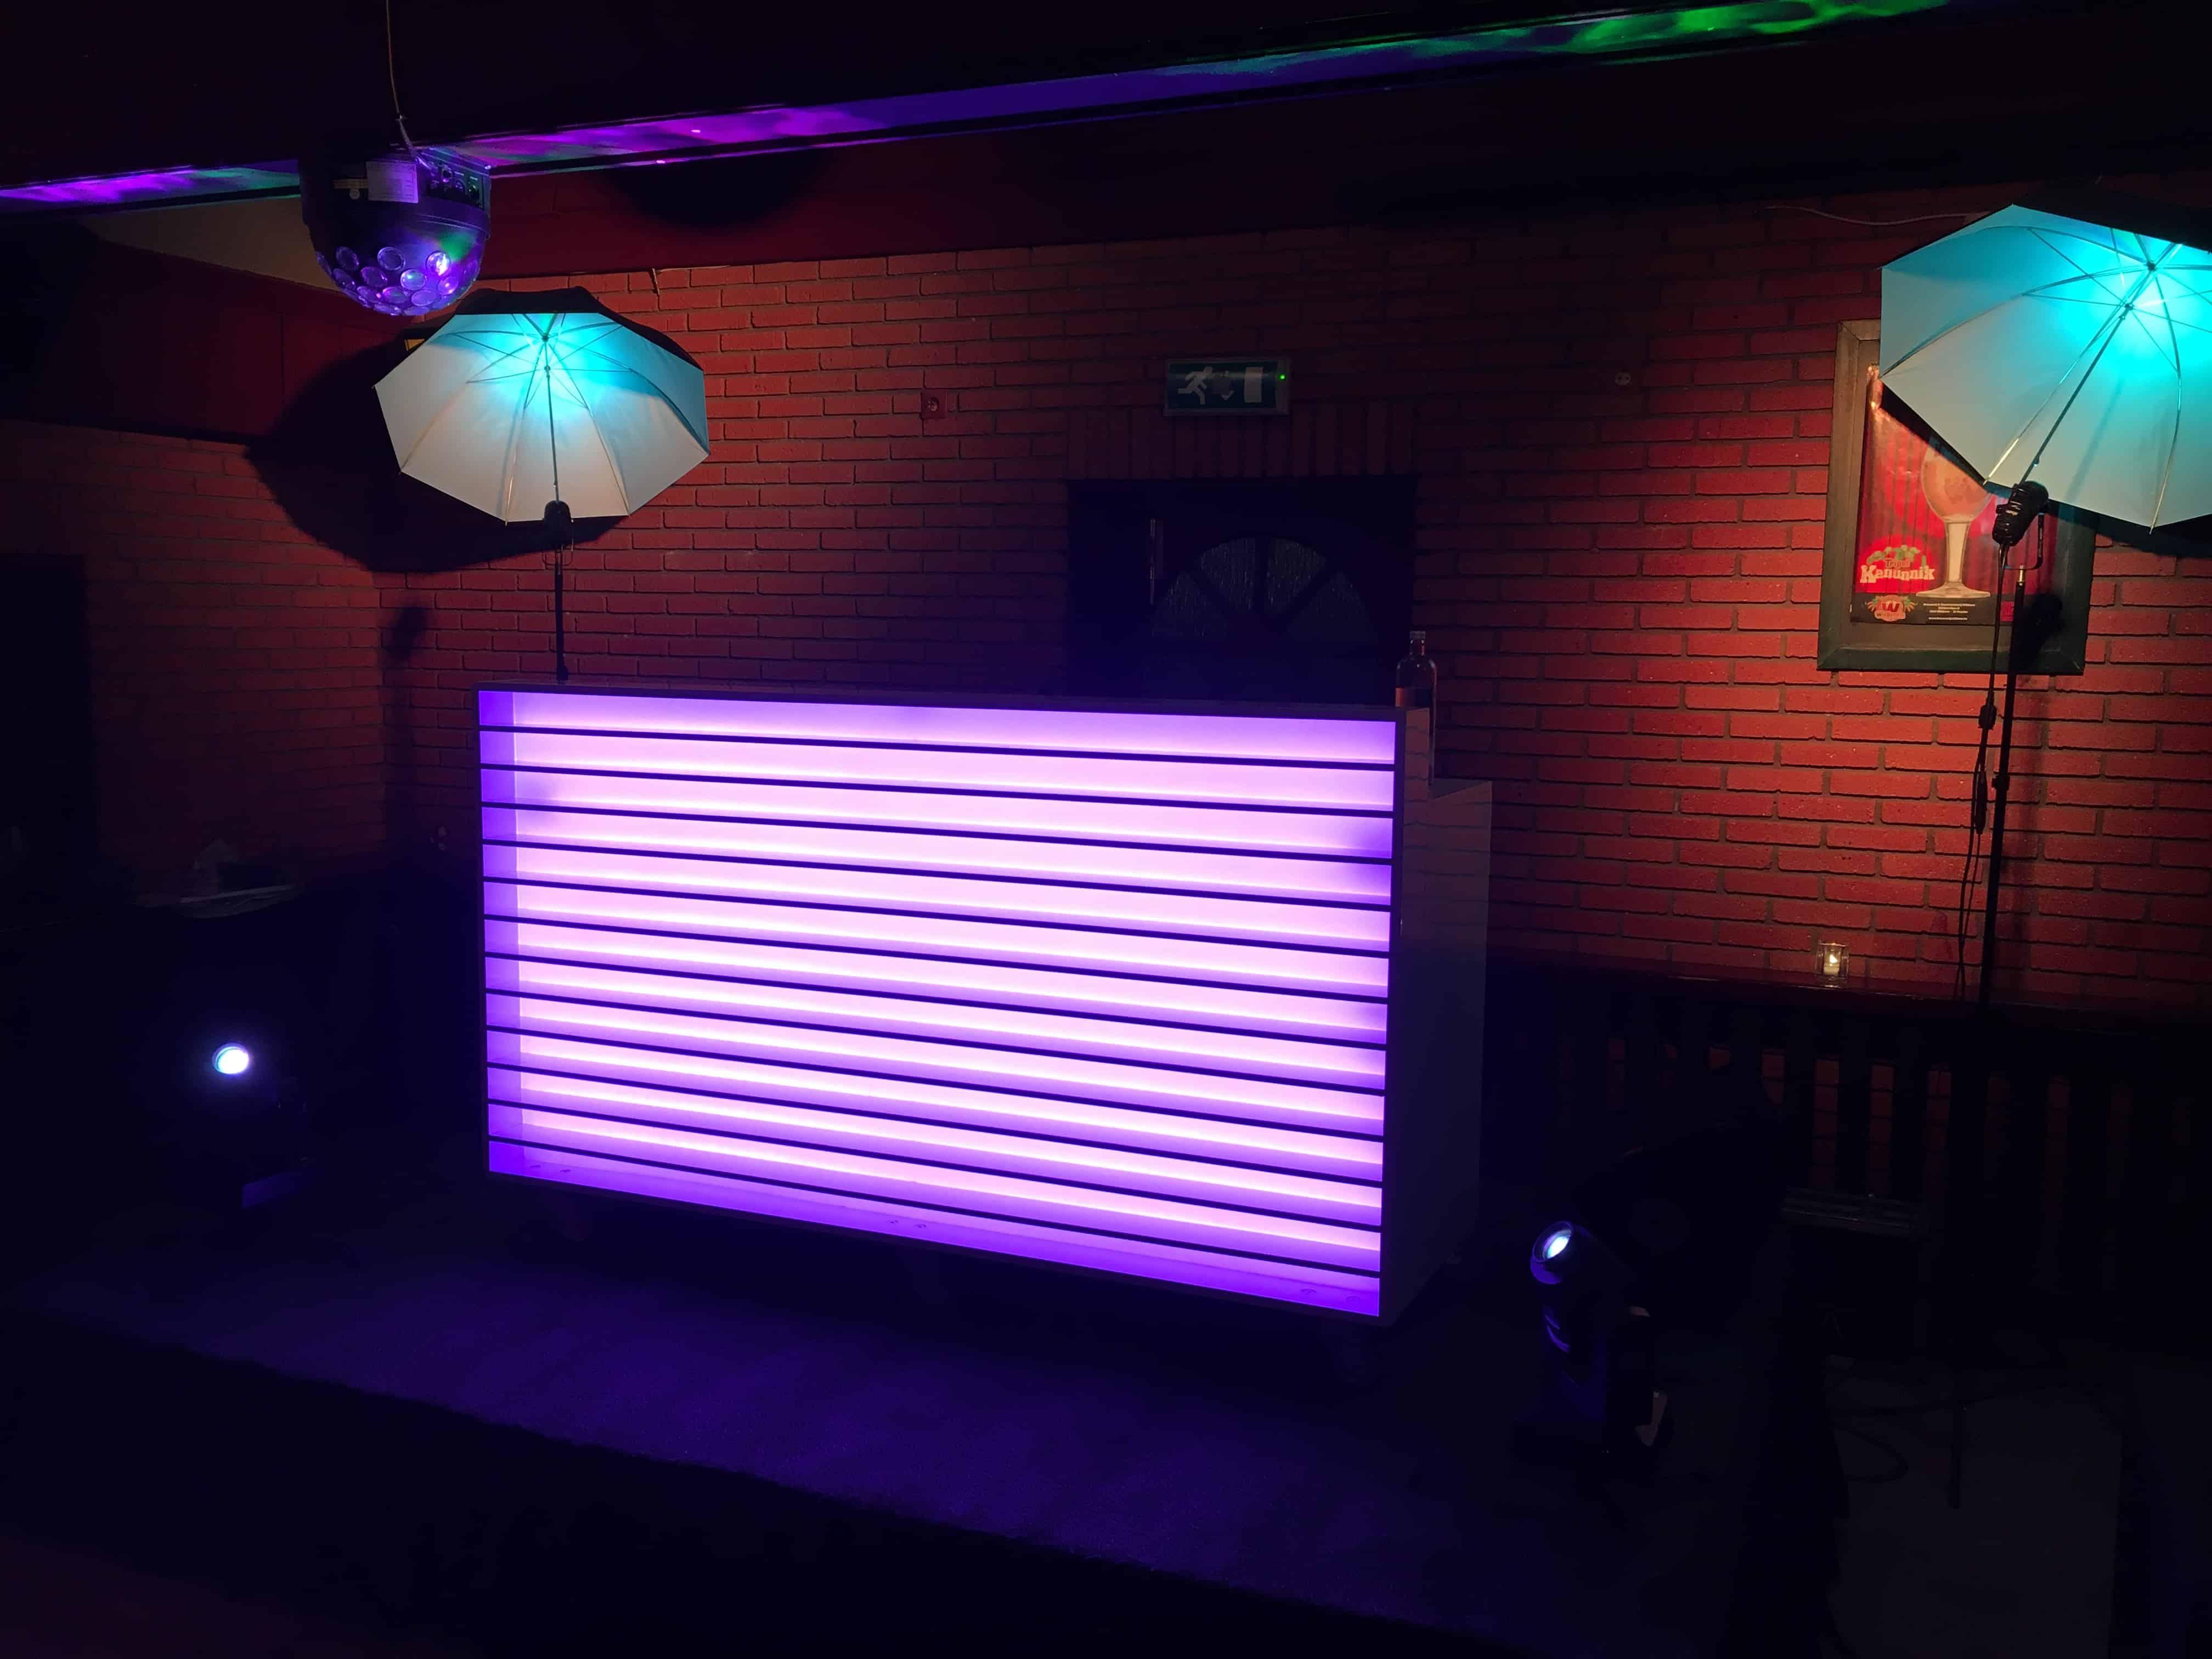 Op zoek naar een DJ meubel of DJ Booth?